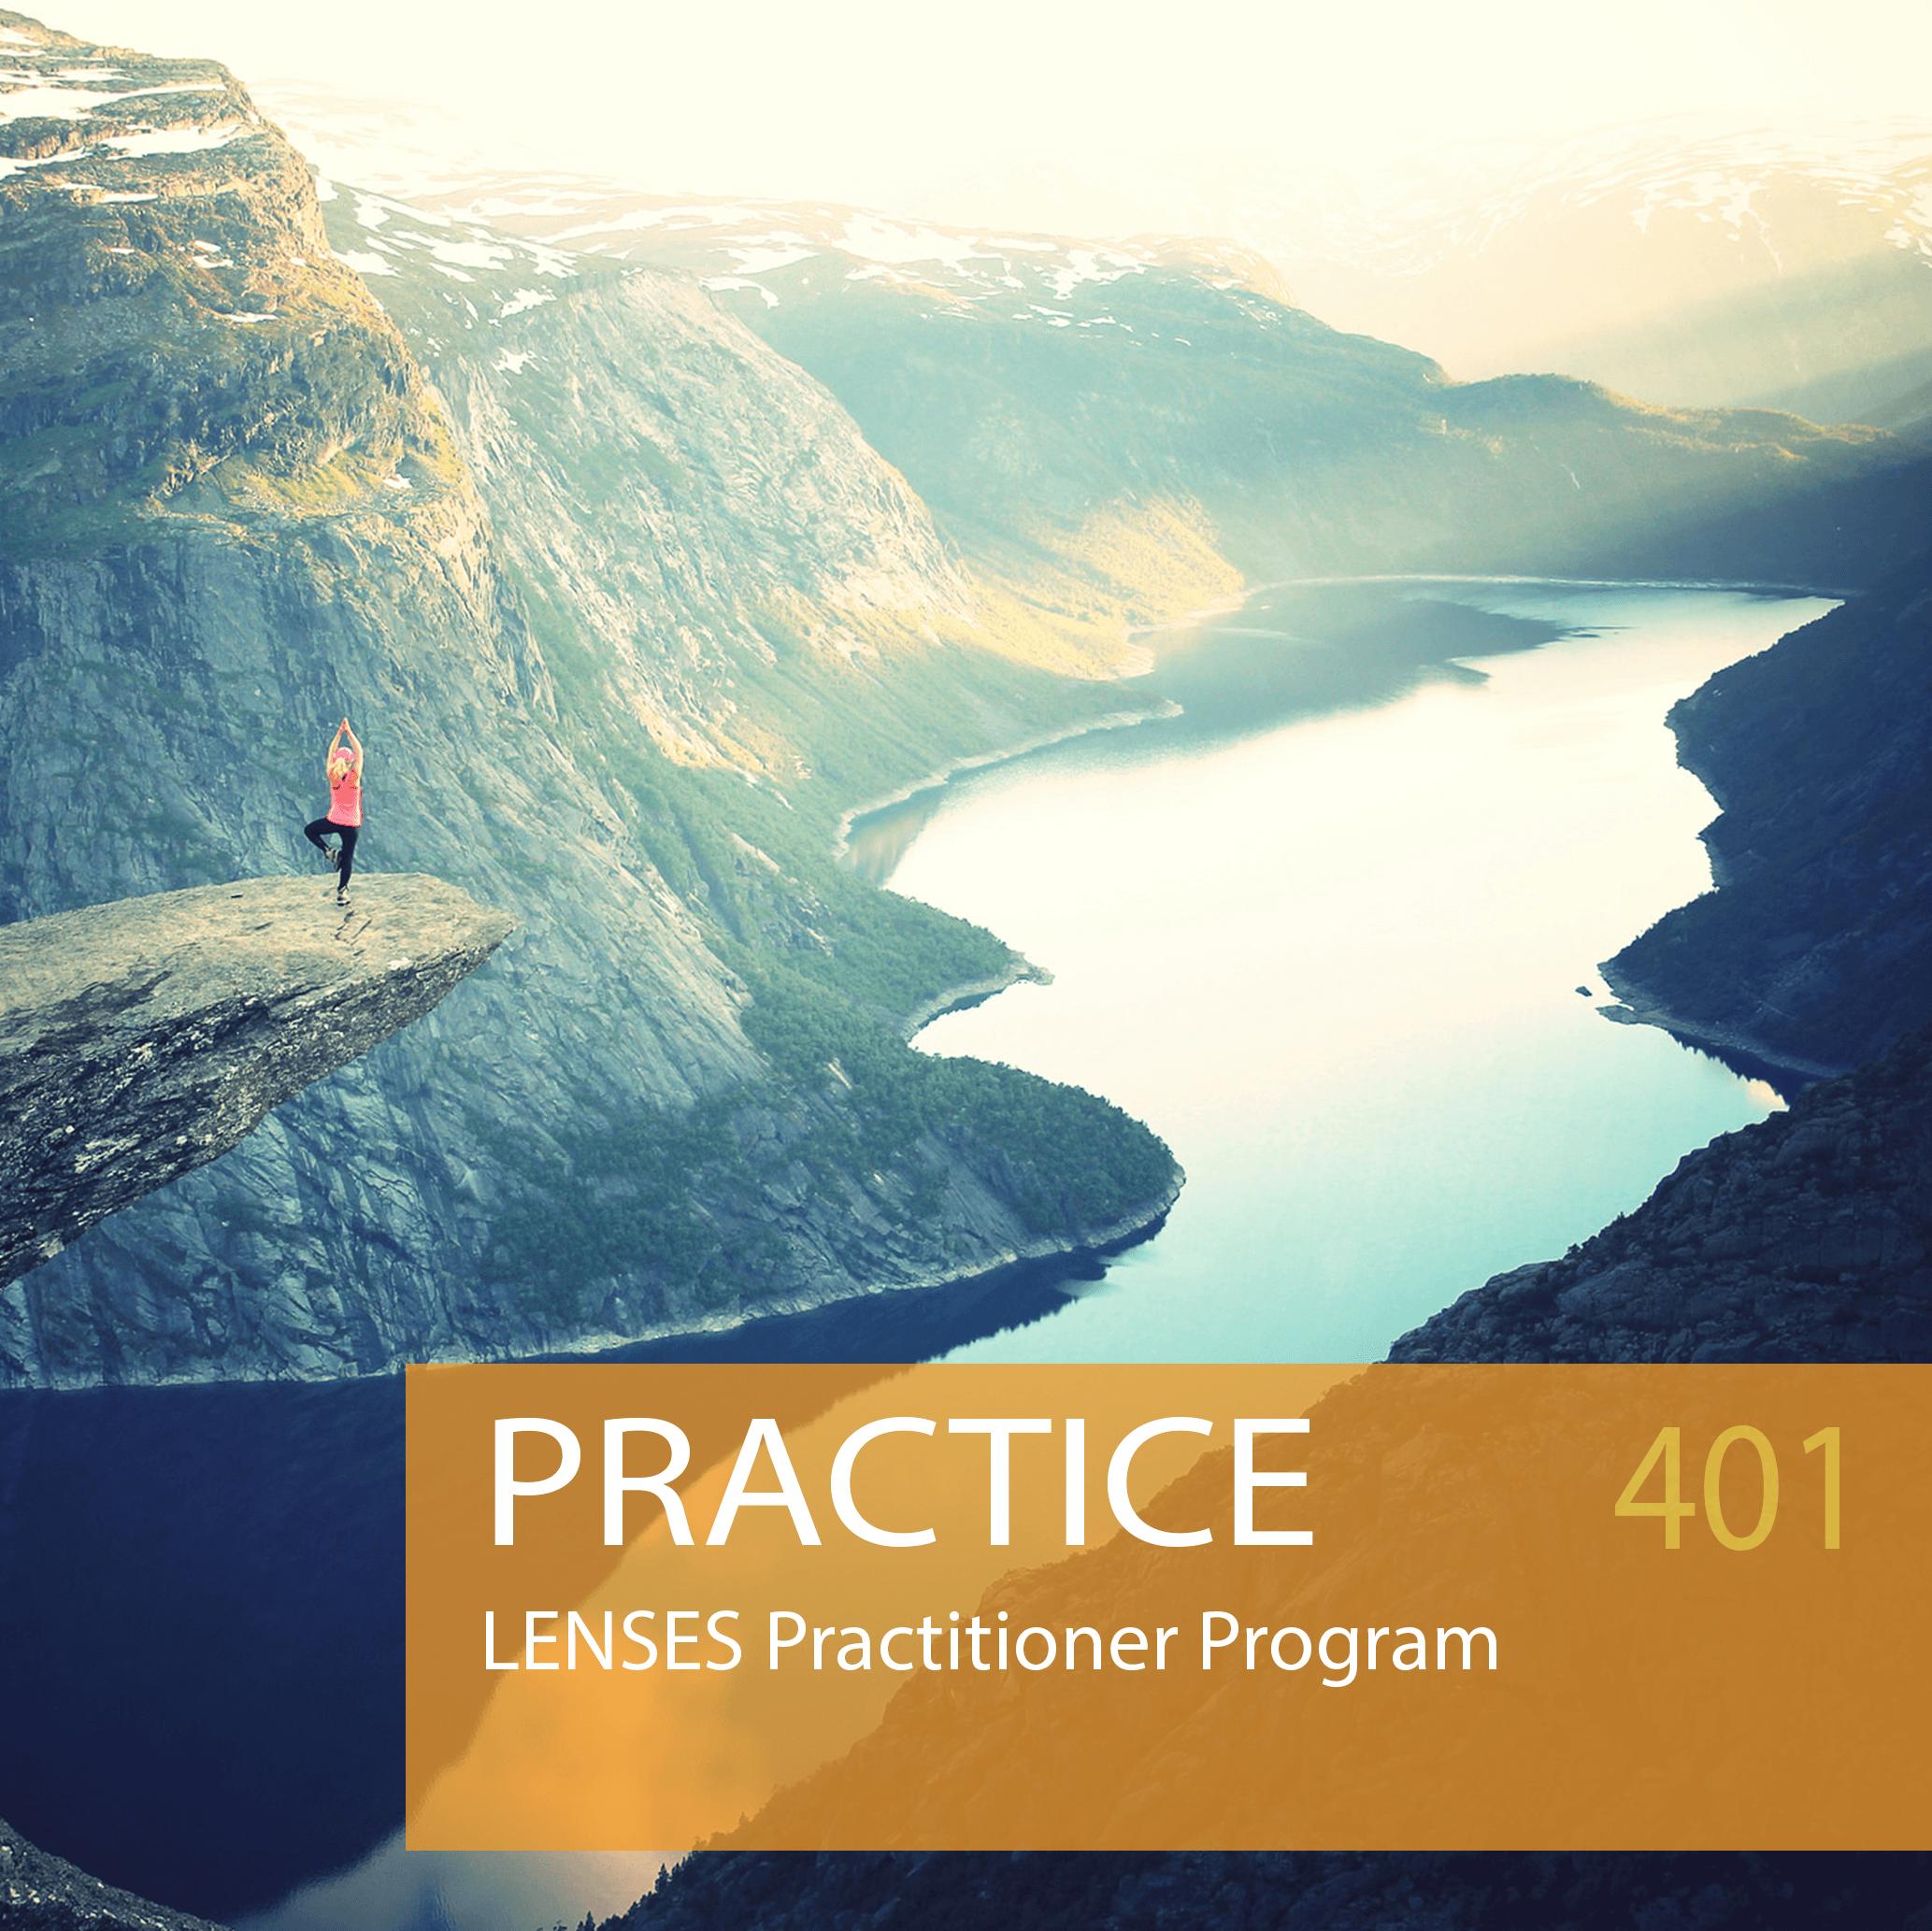 401 Practice